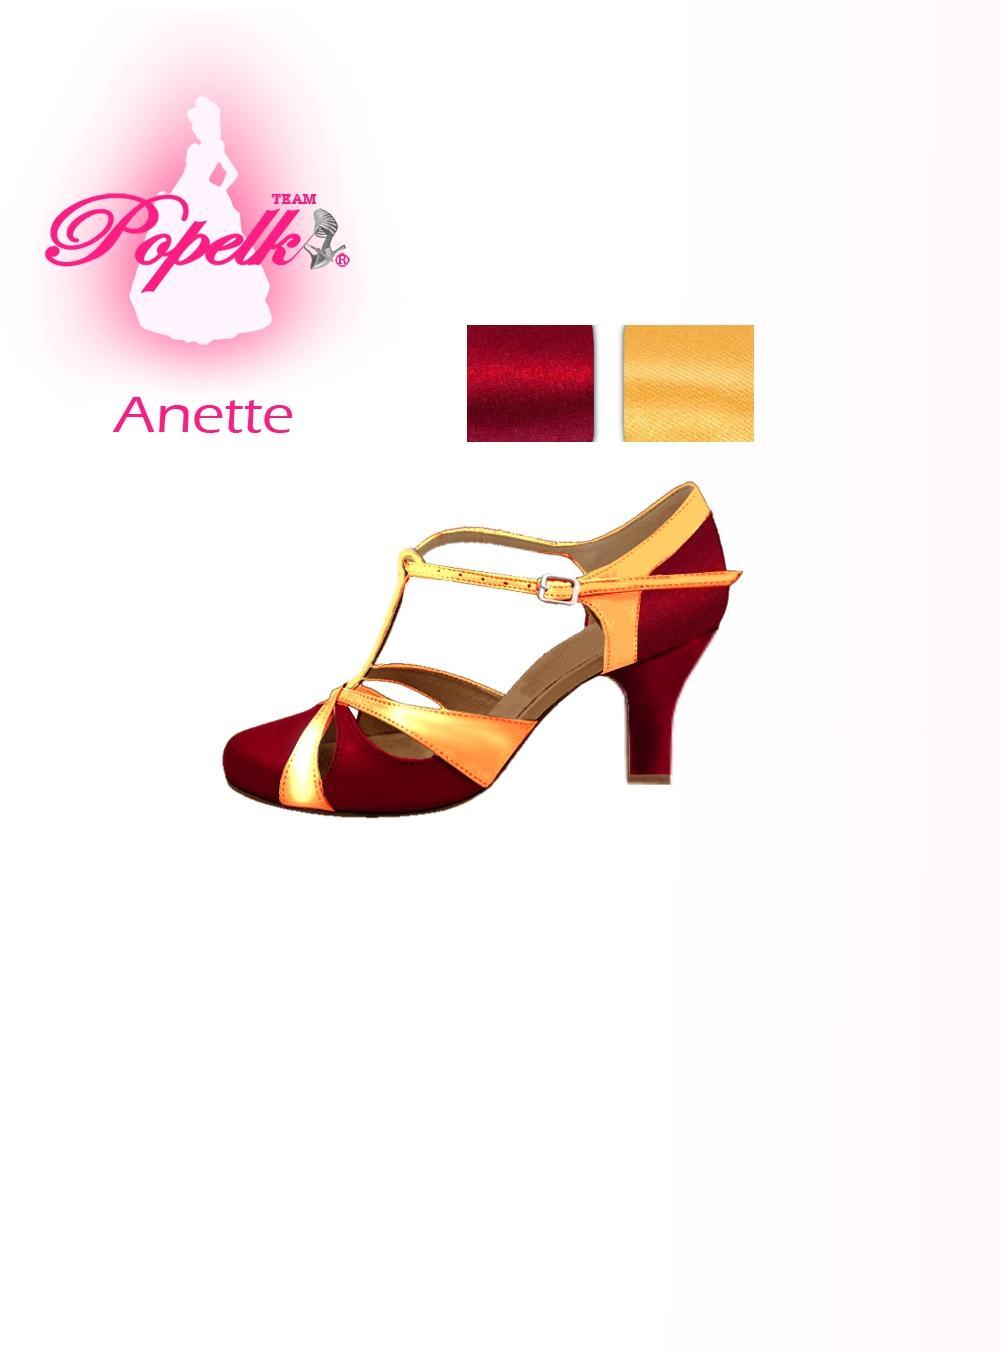 Svadobné topánky s úpravou na želanie - inšpirácie bordó, hnědá, čokoládová - Obrázok č. 26